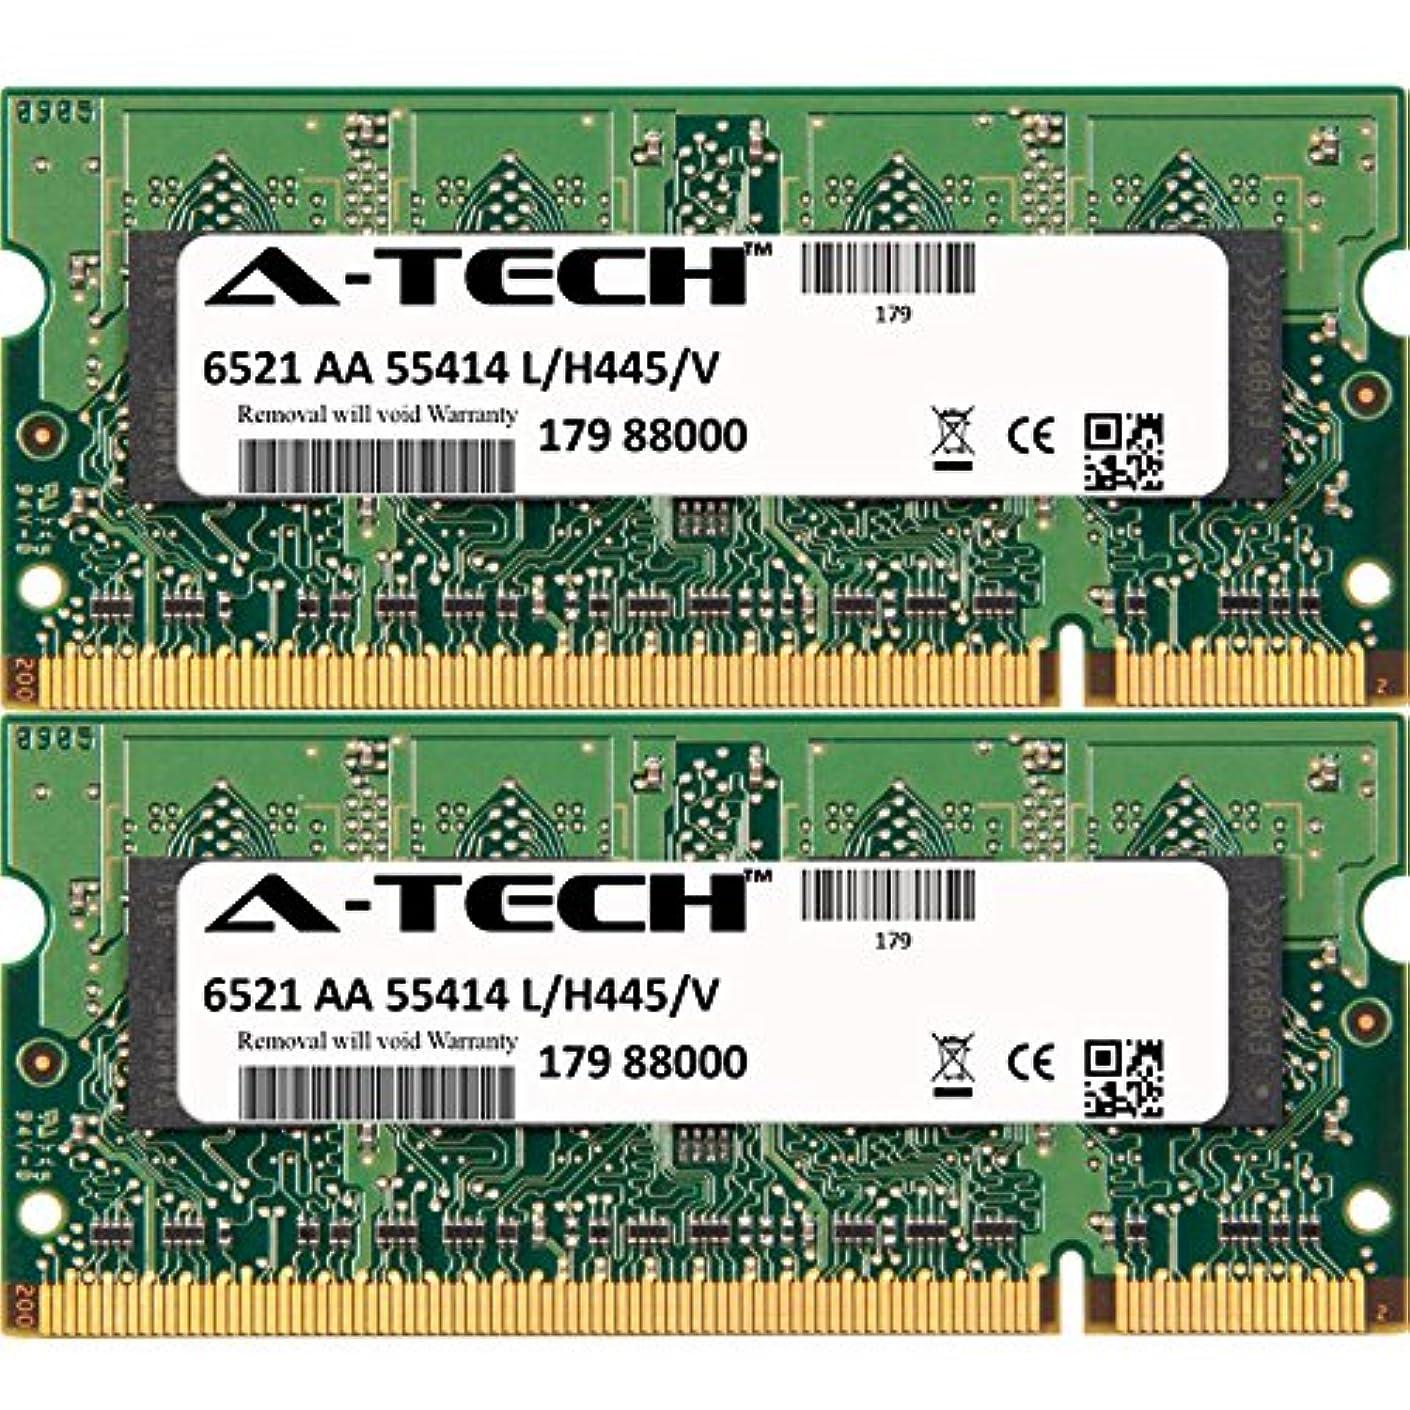 4GB KIT (2 x 2GB) for Sony Vaio PCG Series PCG-394L. SO-DIMM DDR2 Non-ECC PC2-5300 667MHz RAM Memory. Genuine A-Tech Brand.